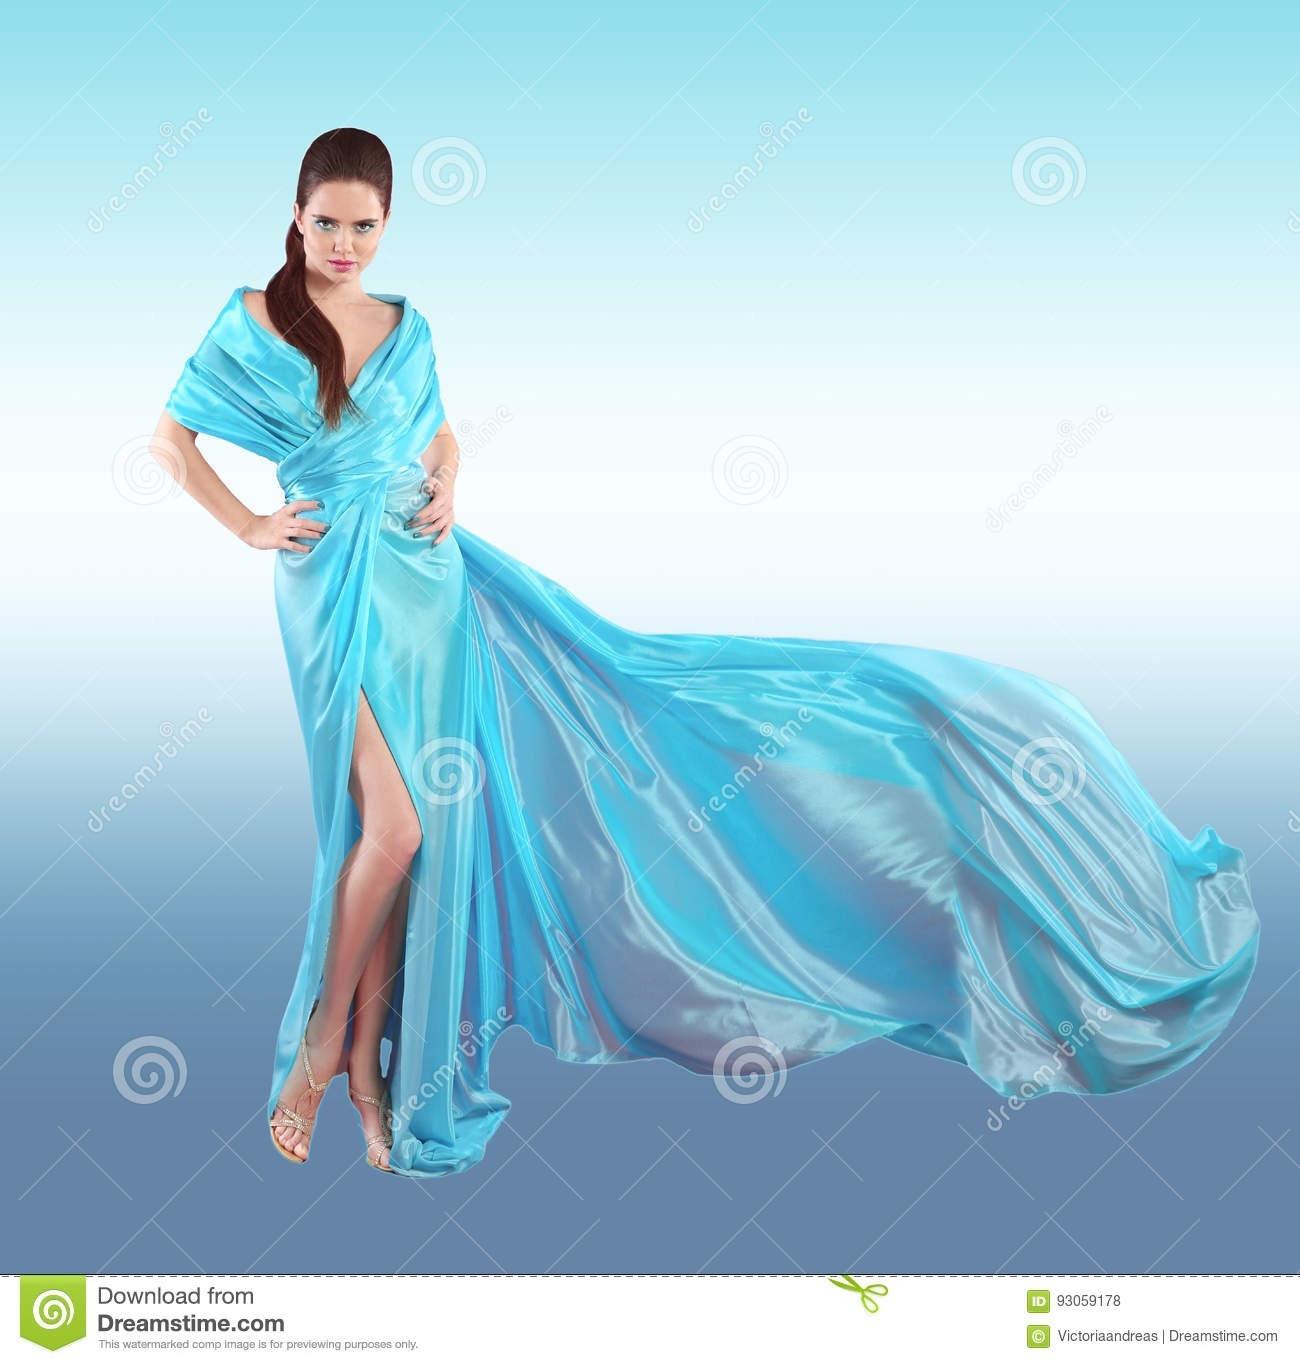 17 Perfekt Schönes Blaues Kleid GalerieAbend Leicht Schönes Blaues Kleid Stylish